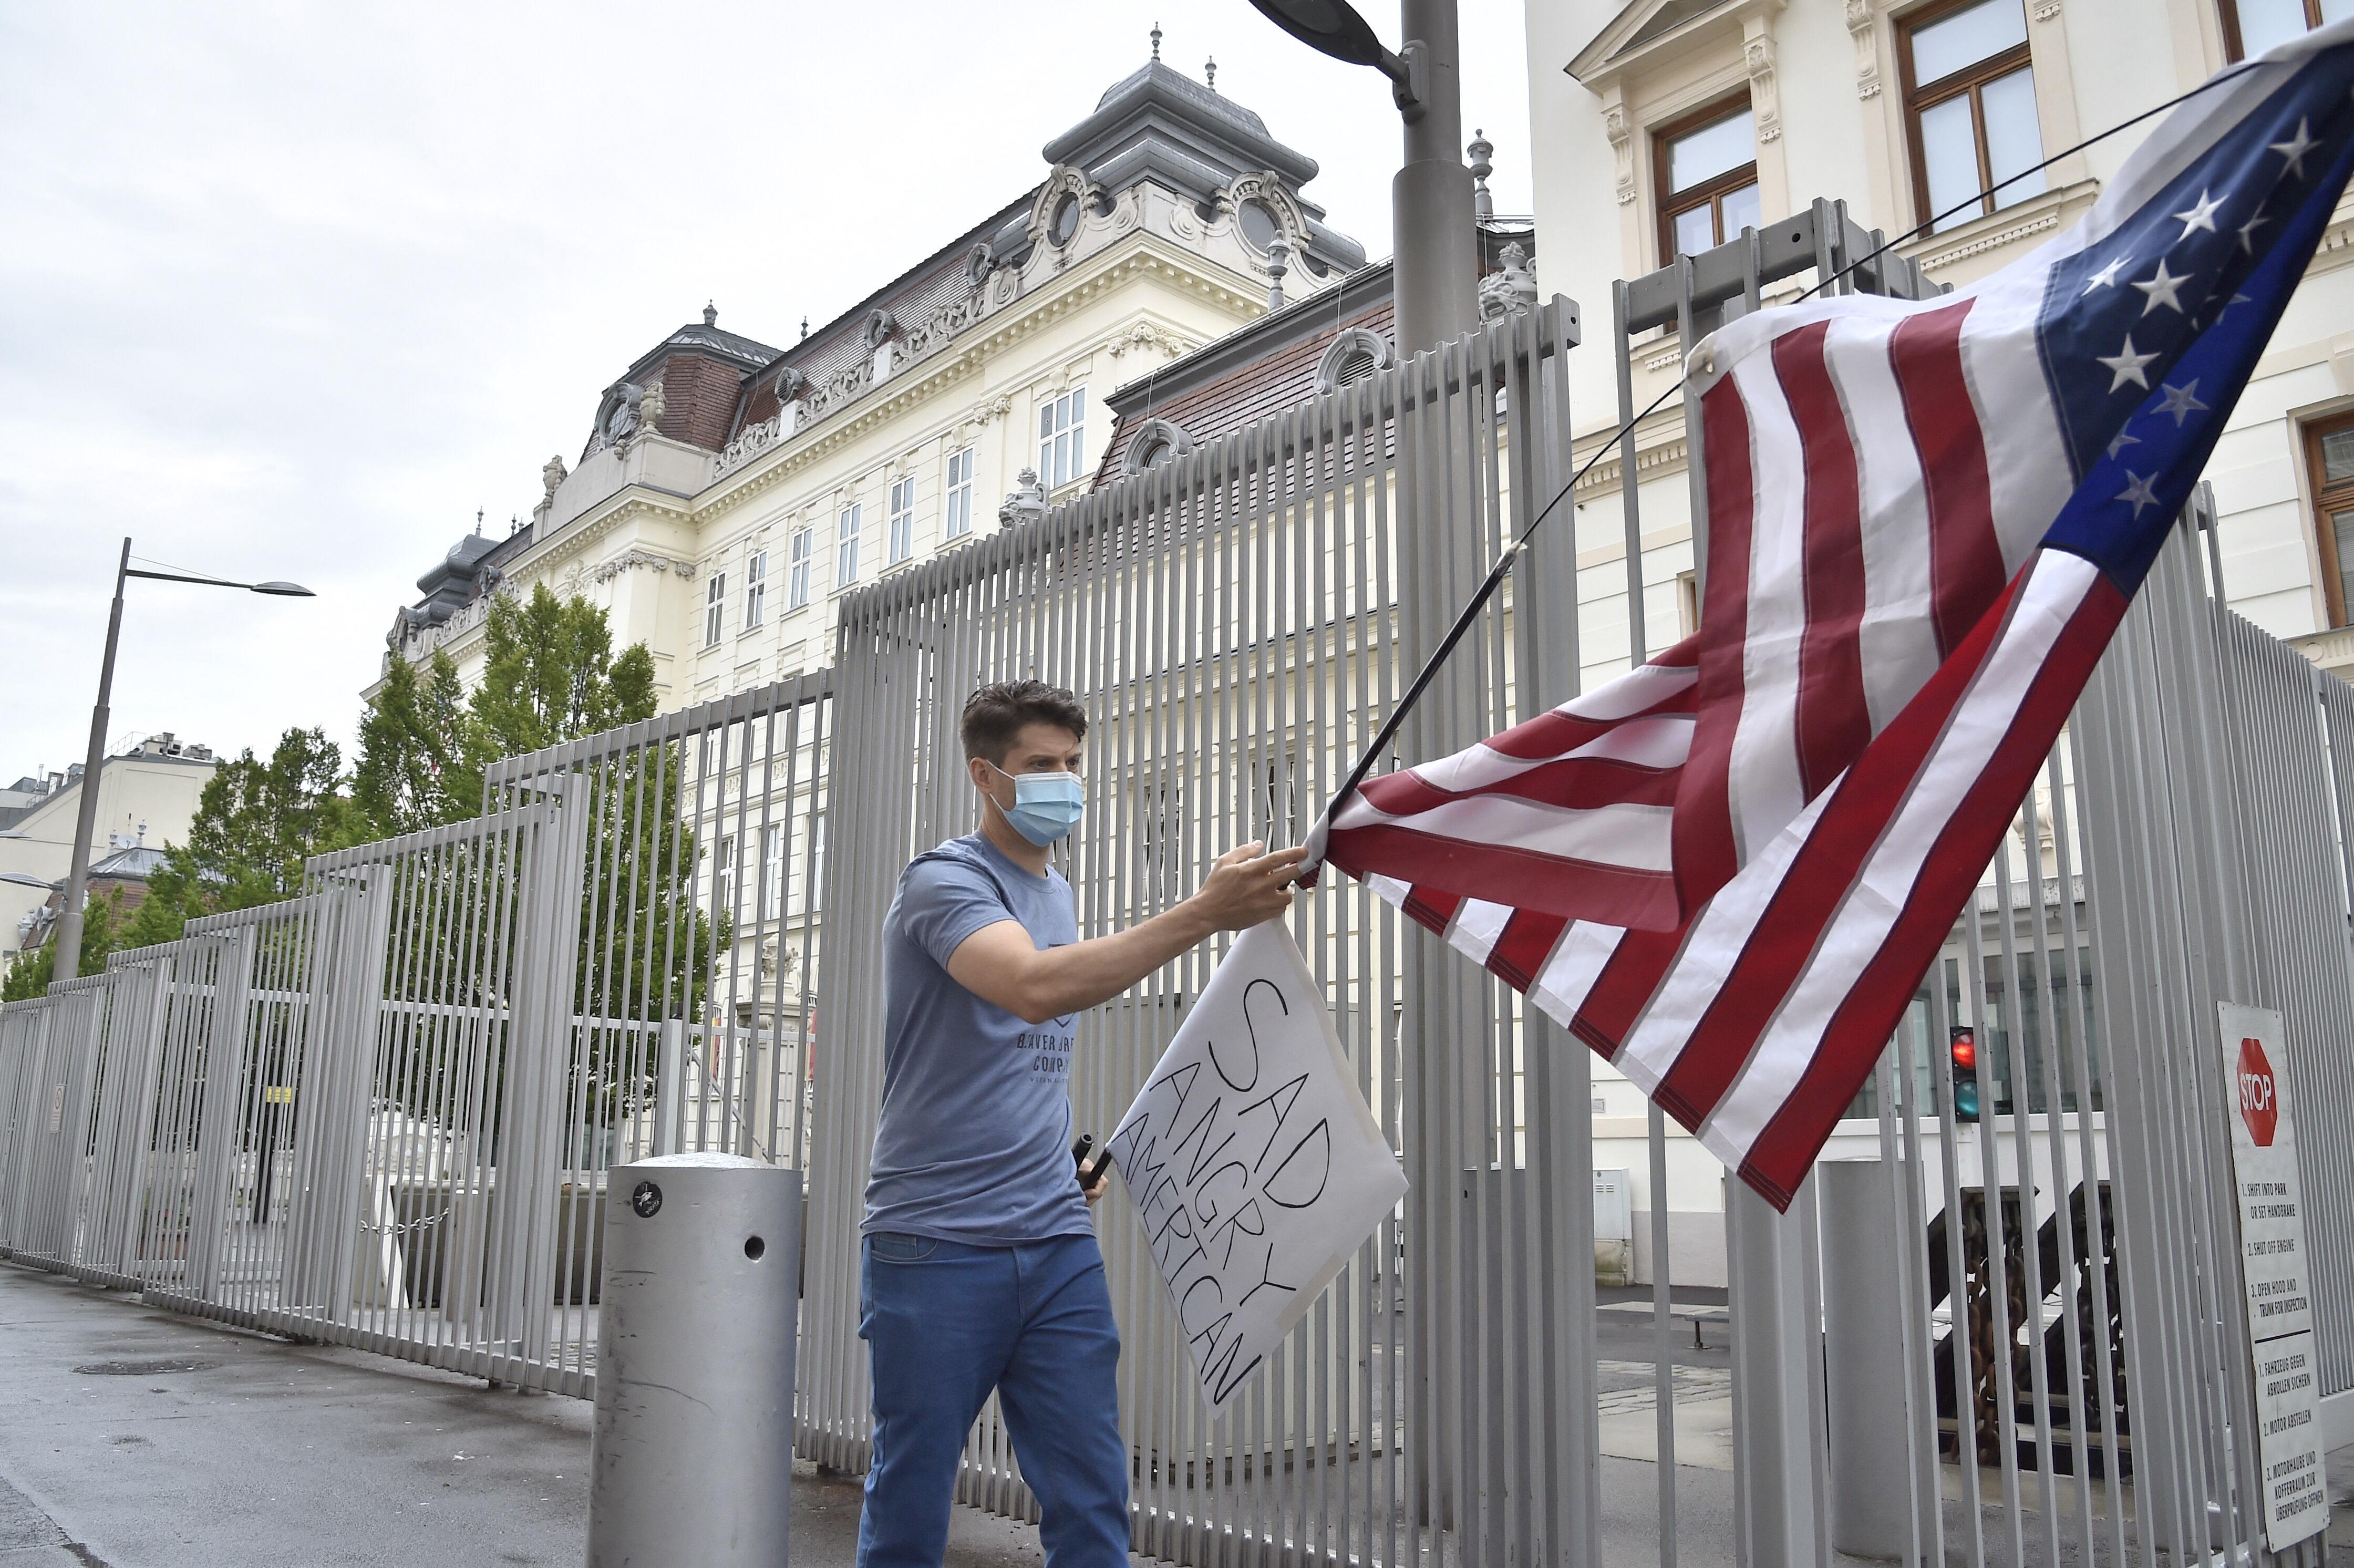 400 éves faliszőnyeget loptak el egy amerikai követségi épületből Bécsben